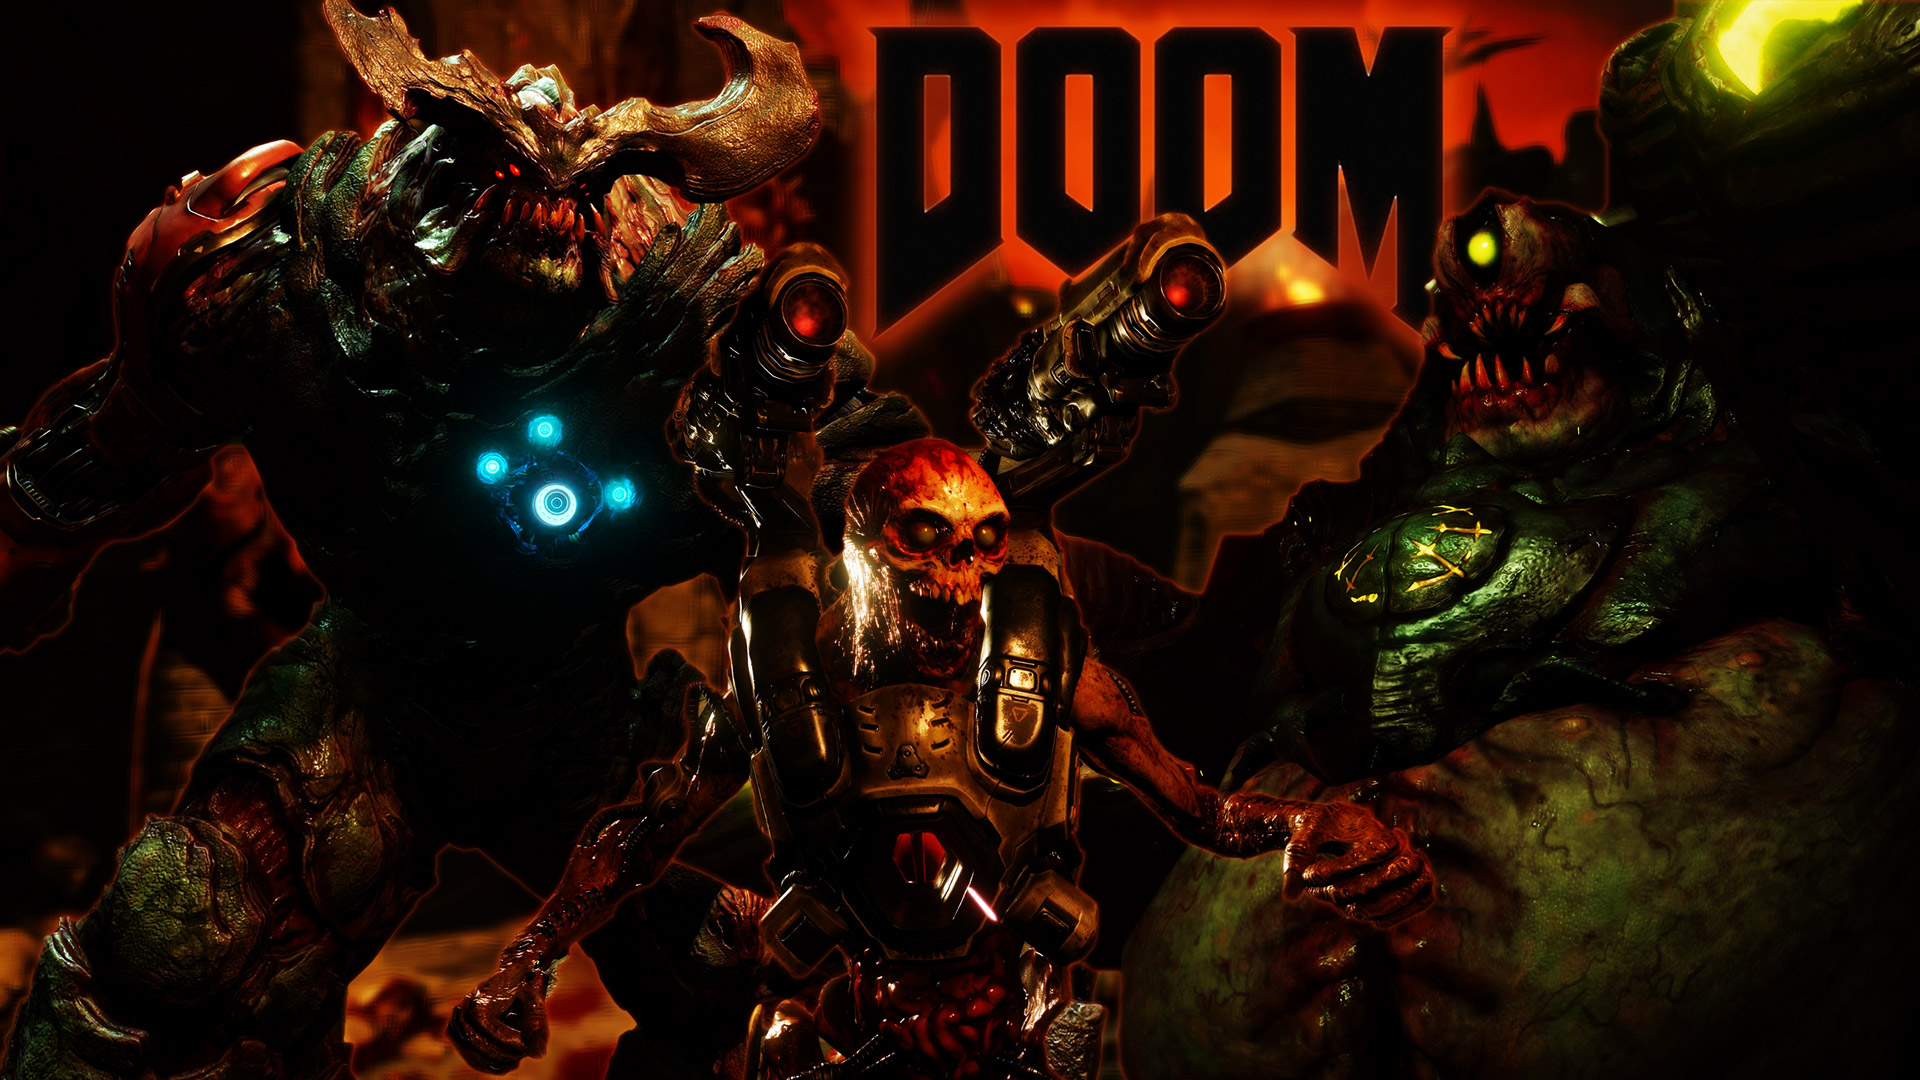 doom 2016 wallpaper 1080p